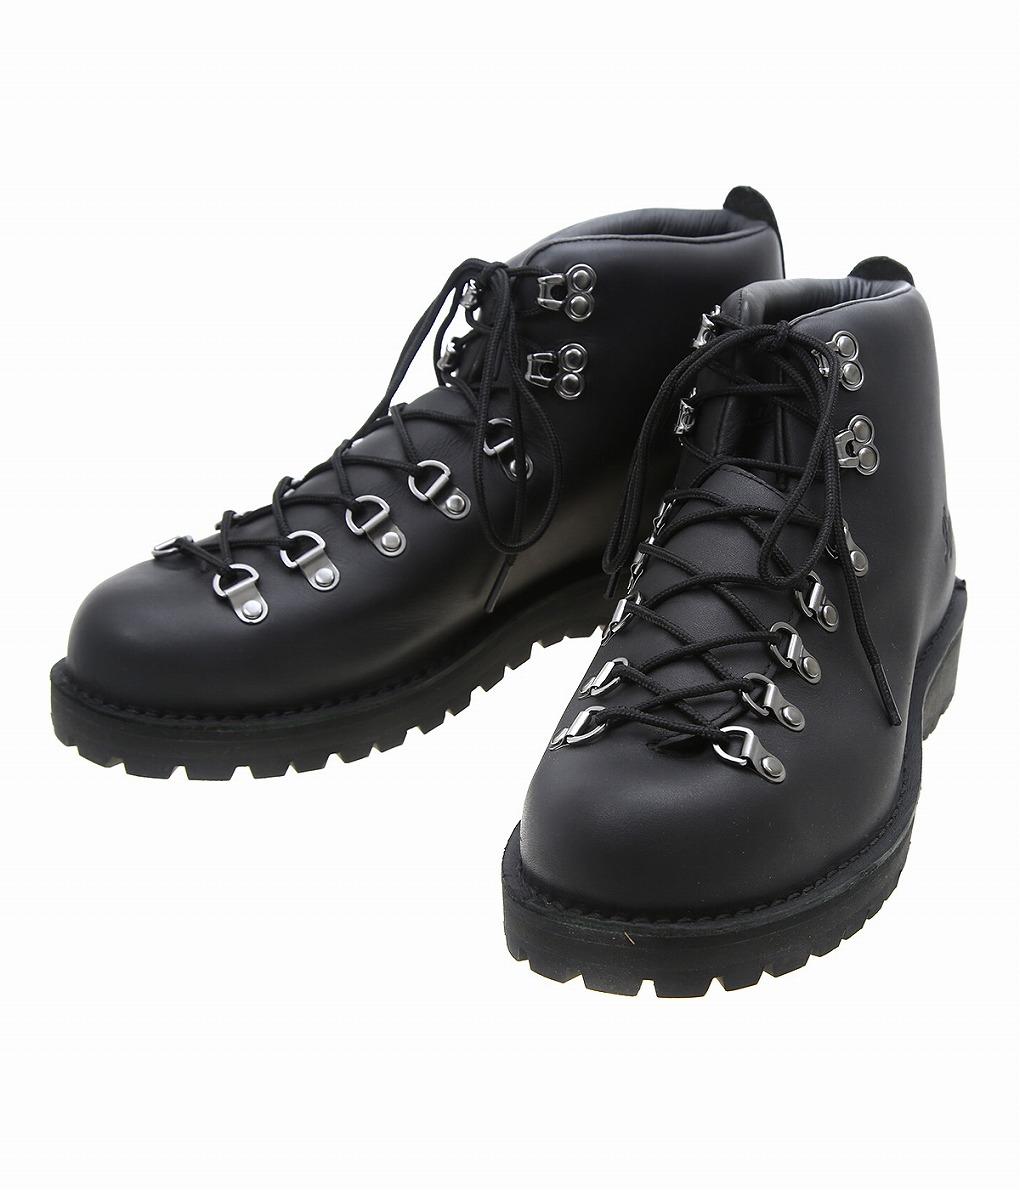 /全2色 ブーツ 靴 / : : ダナー : DANNER シューズ D121005【STD】 TRAIL メンズ トレッキング FIELD トレイルフィールド